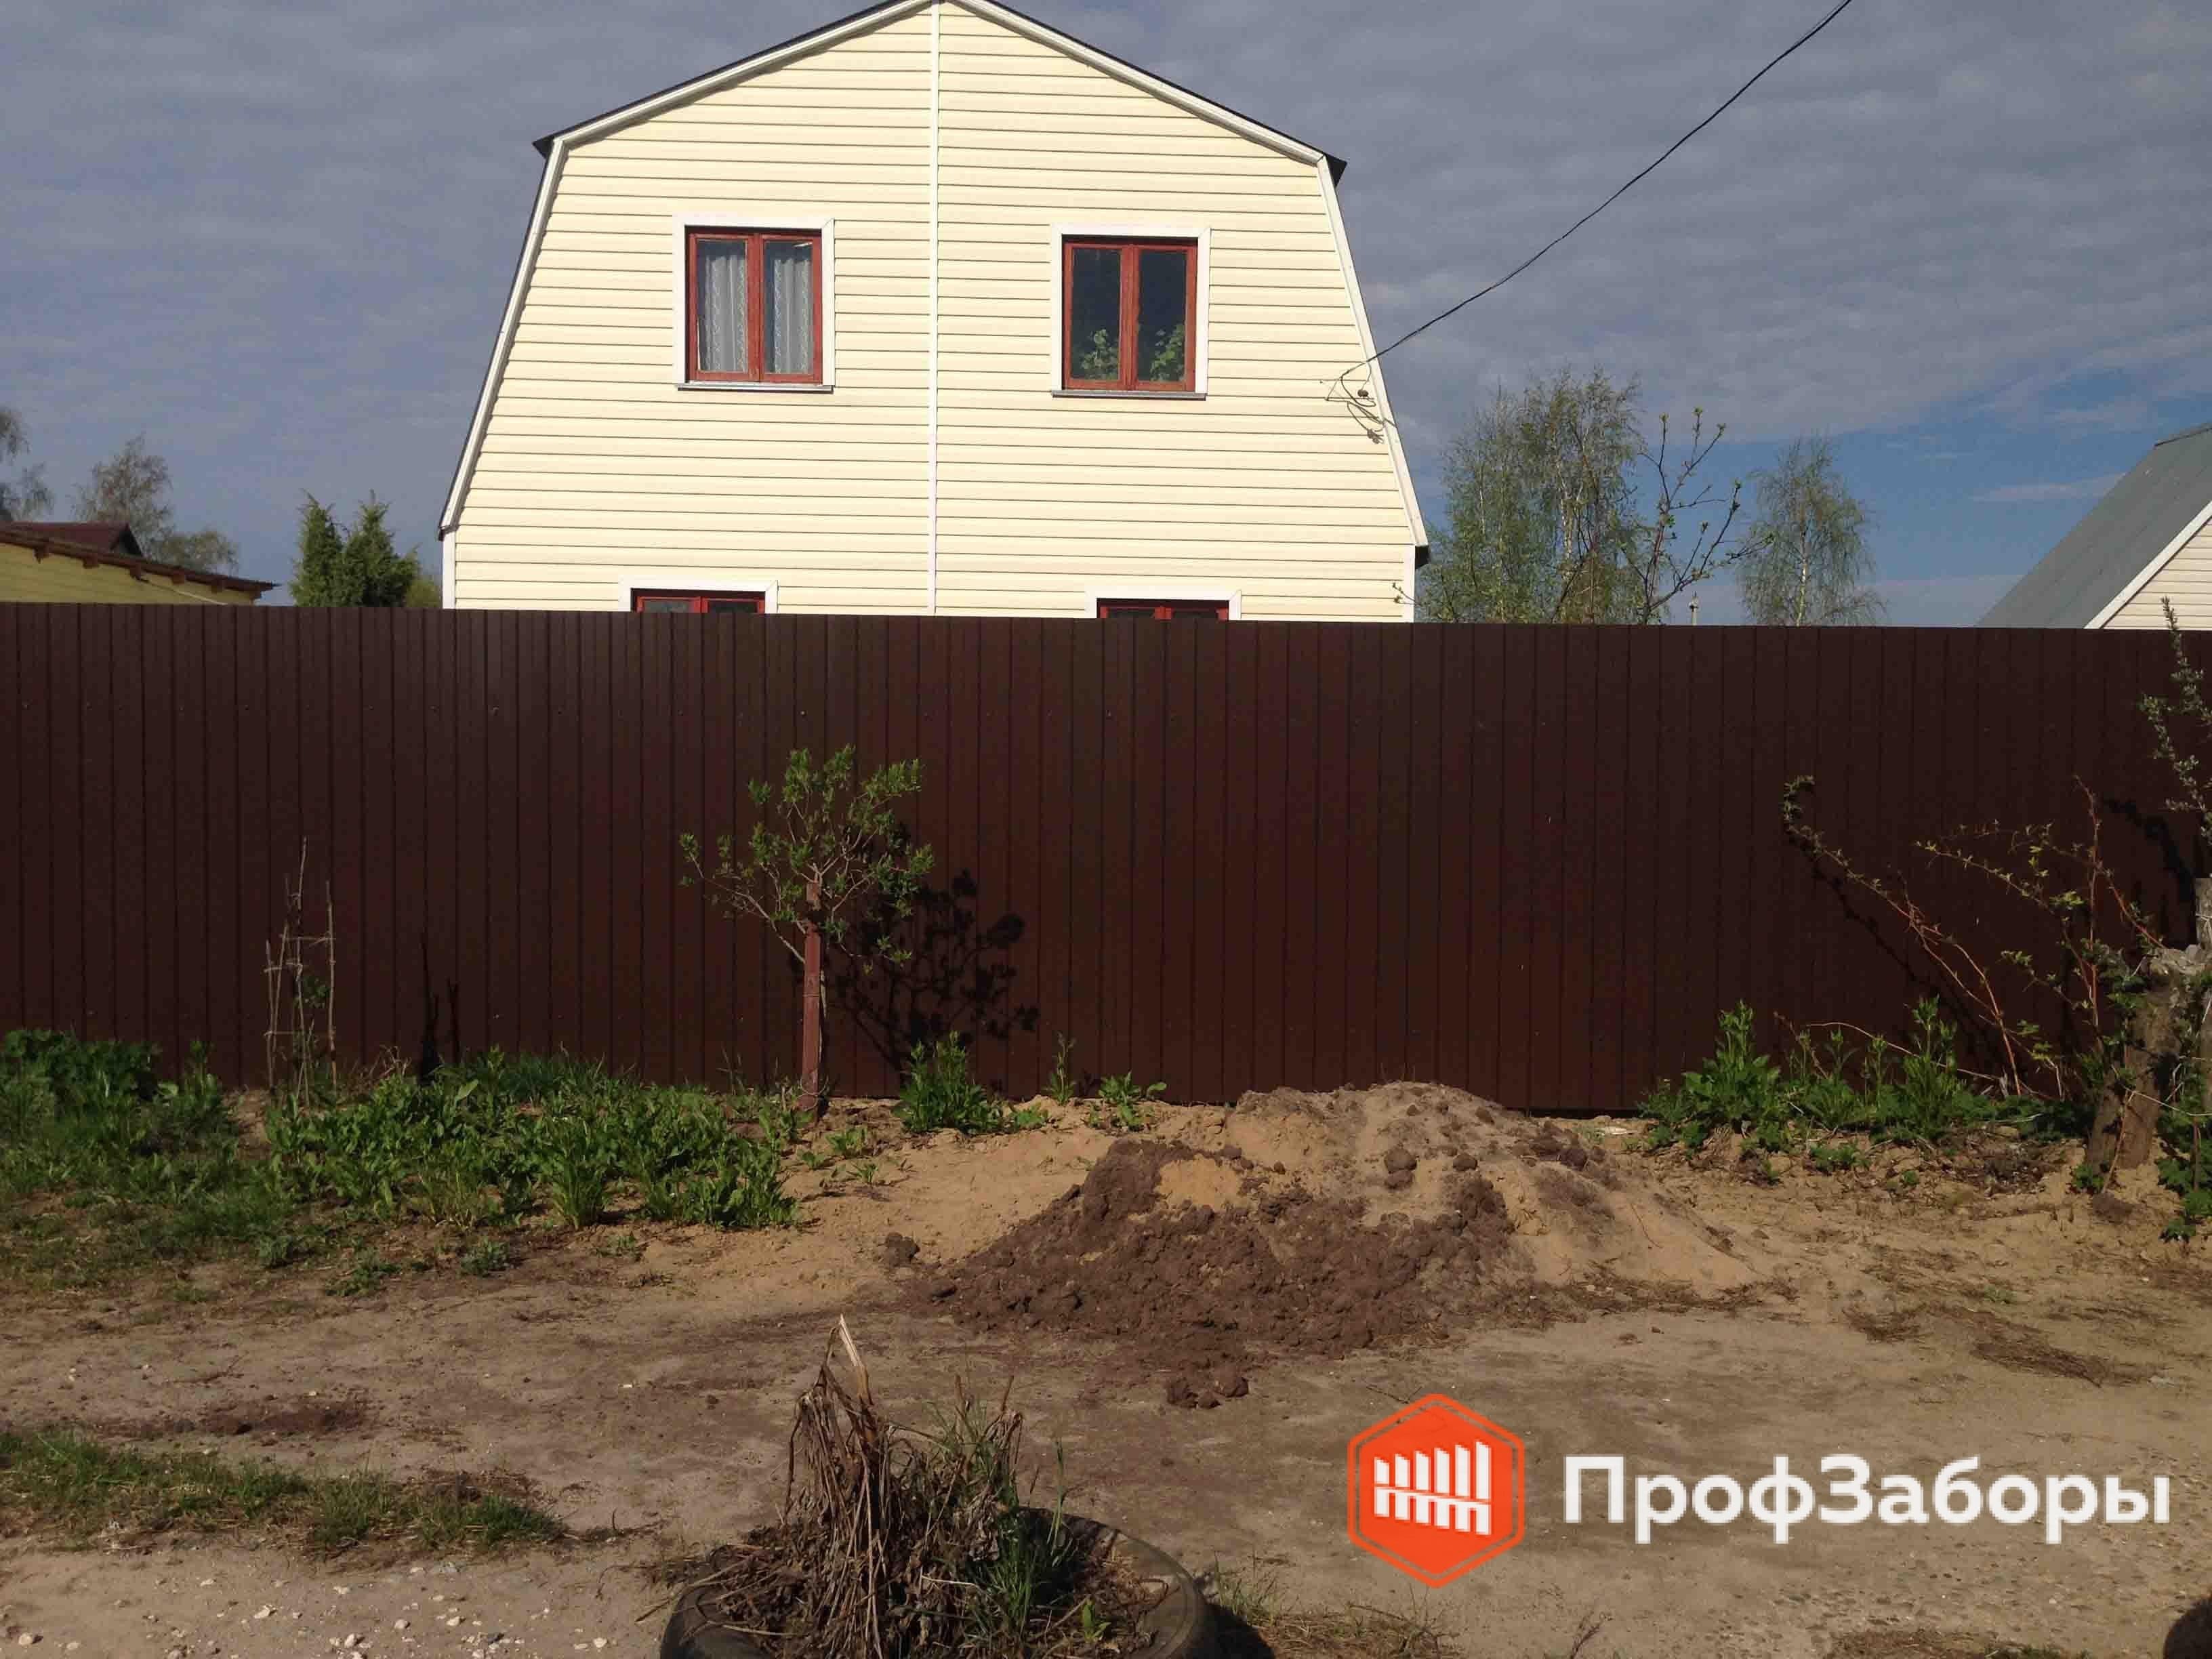 Заборы Из профнастила  - Одинцовский район. Фото 4